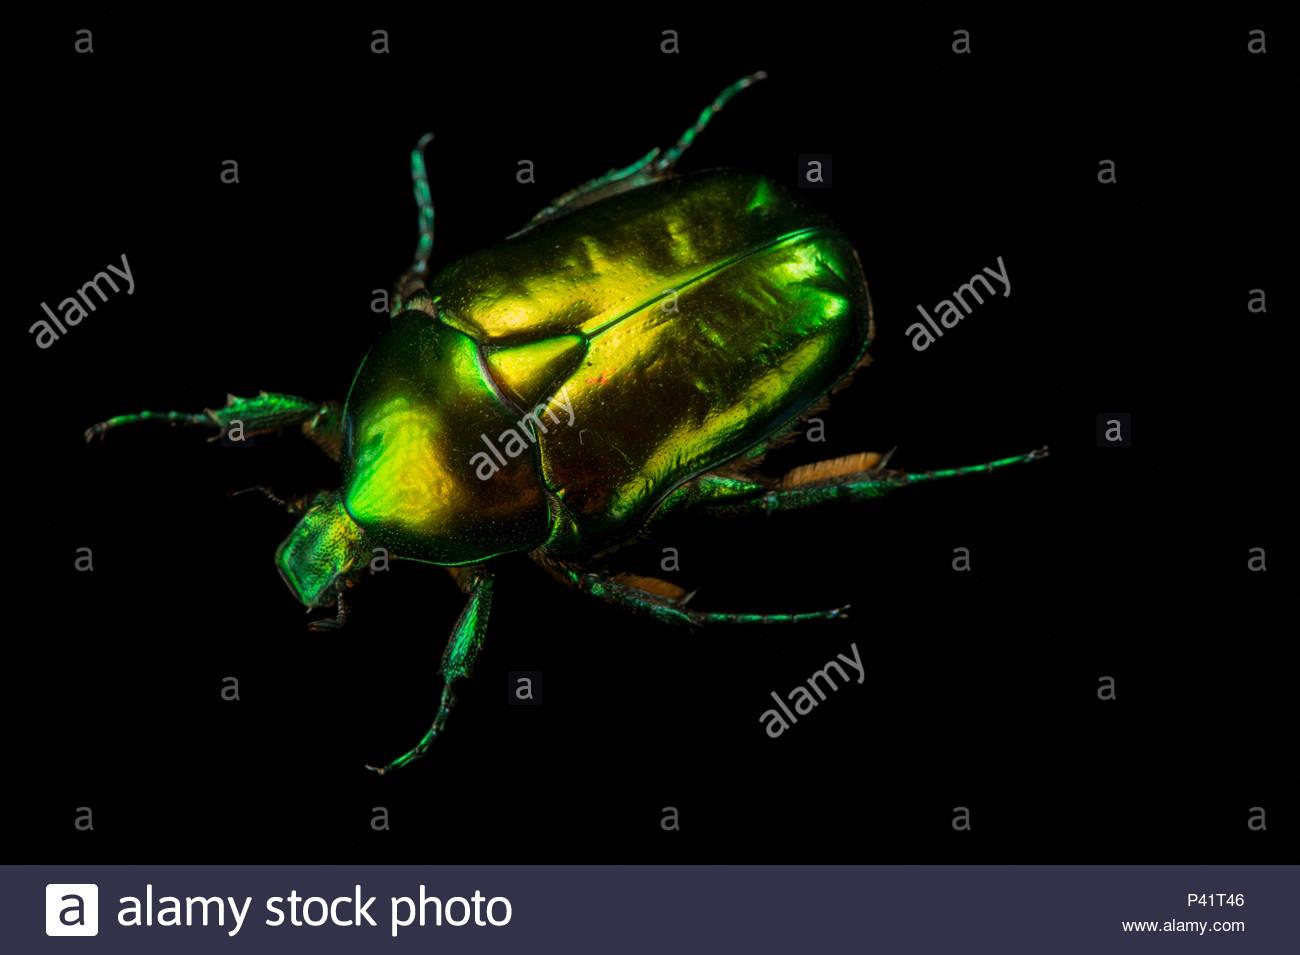 Large rose beetle, Potosia aeruginosa, at the Budapest Zoo. - Stock Image